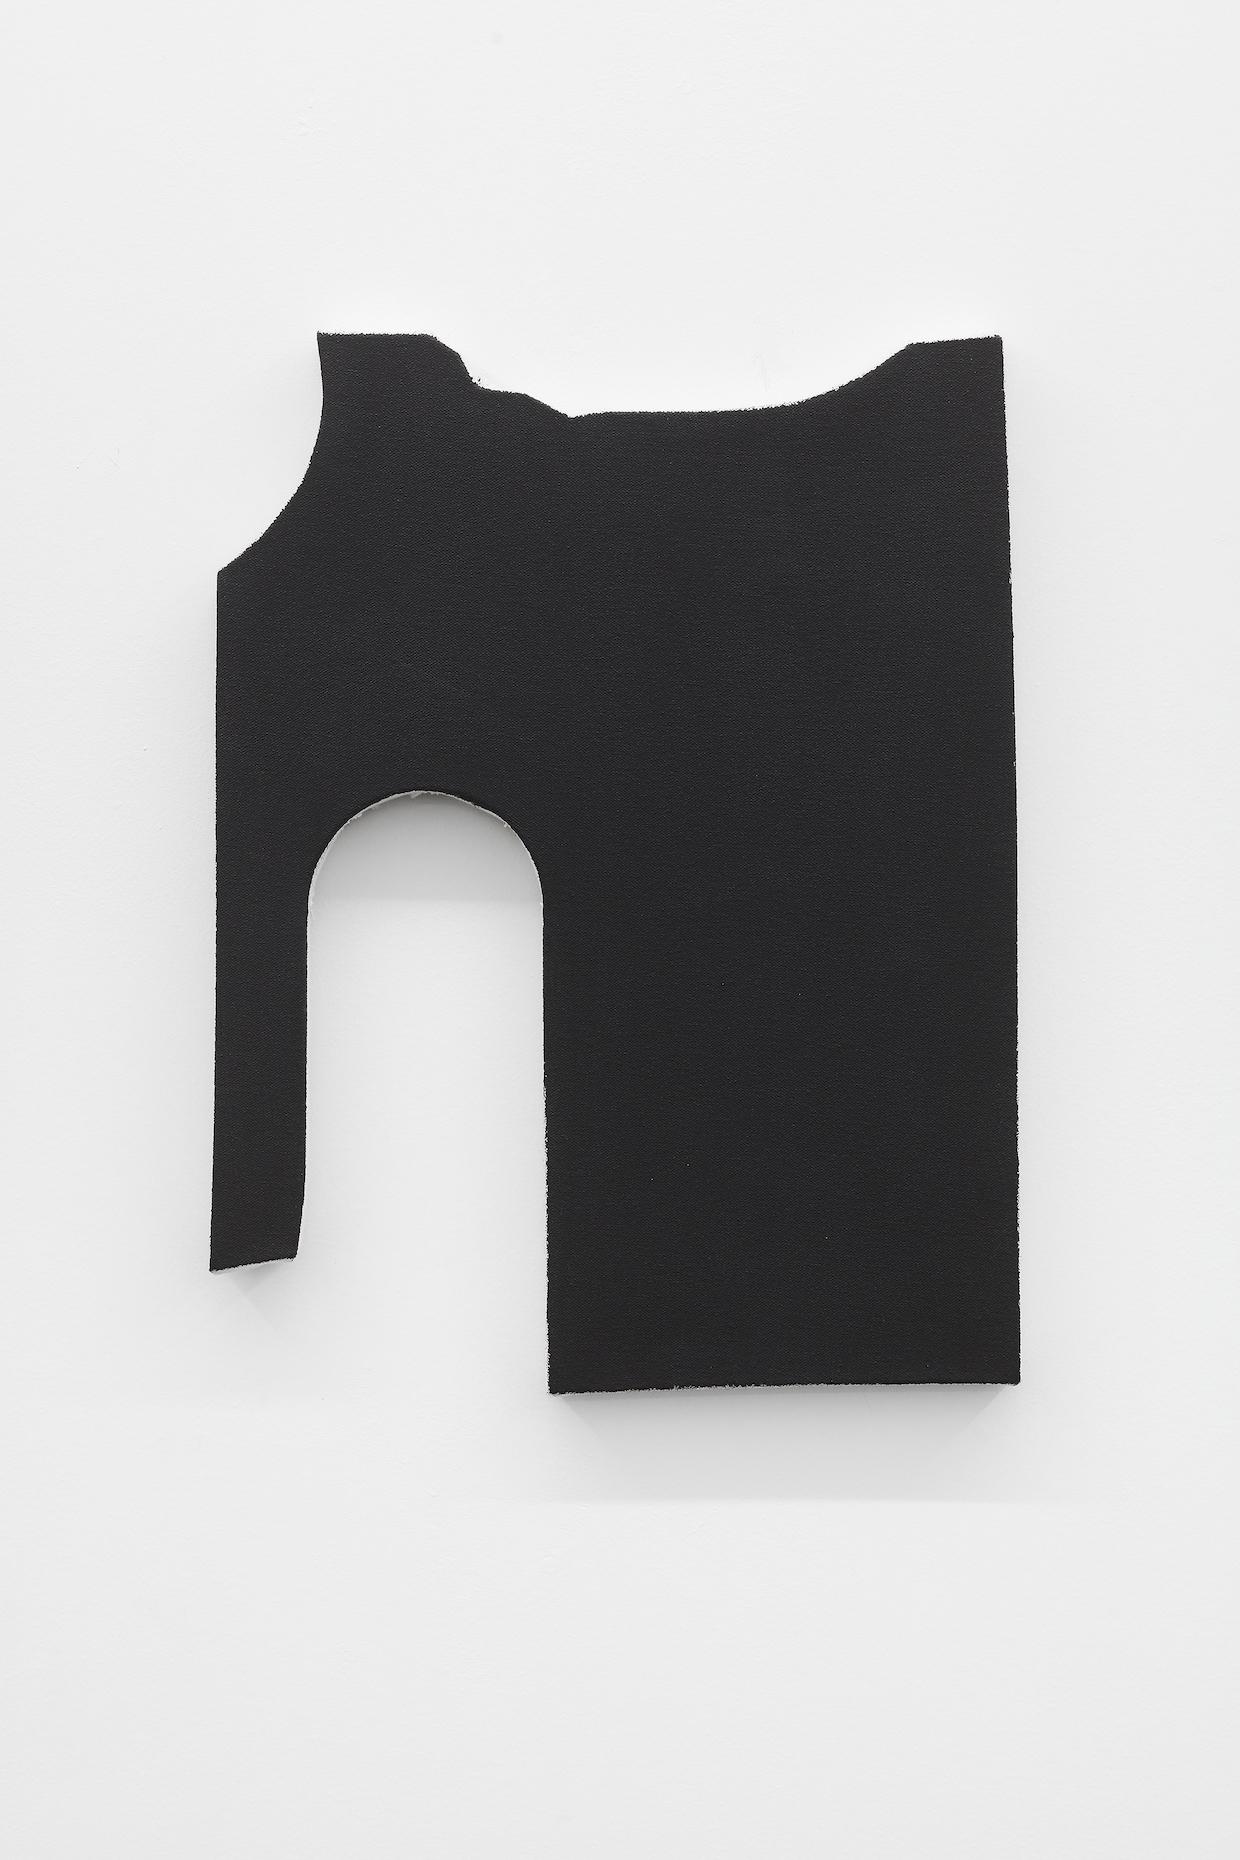 Galerie Lange + Pult – Jacob Kassay